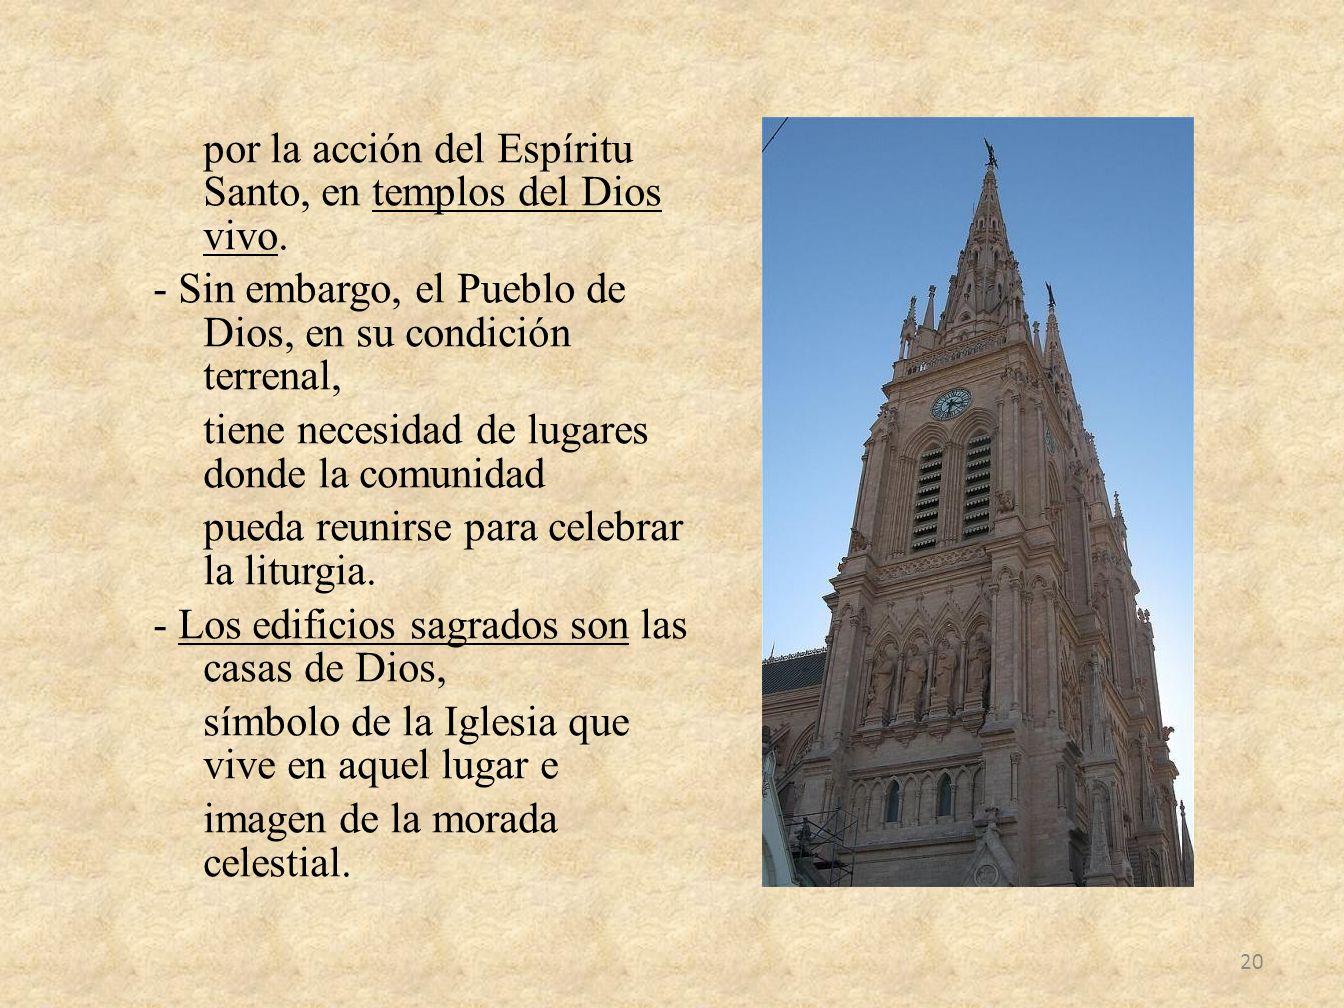 por la acción del Espíritu Santo, en templos del Dios vivo